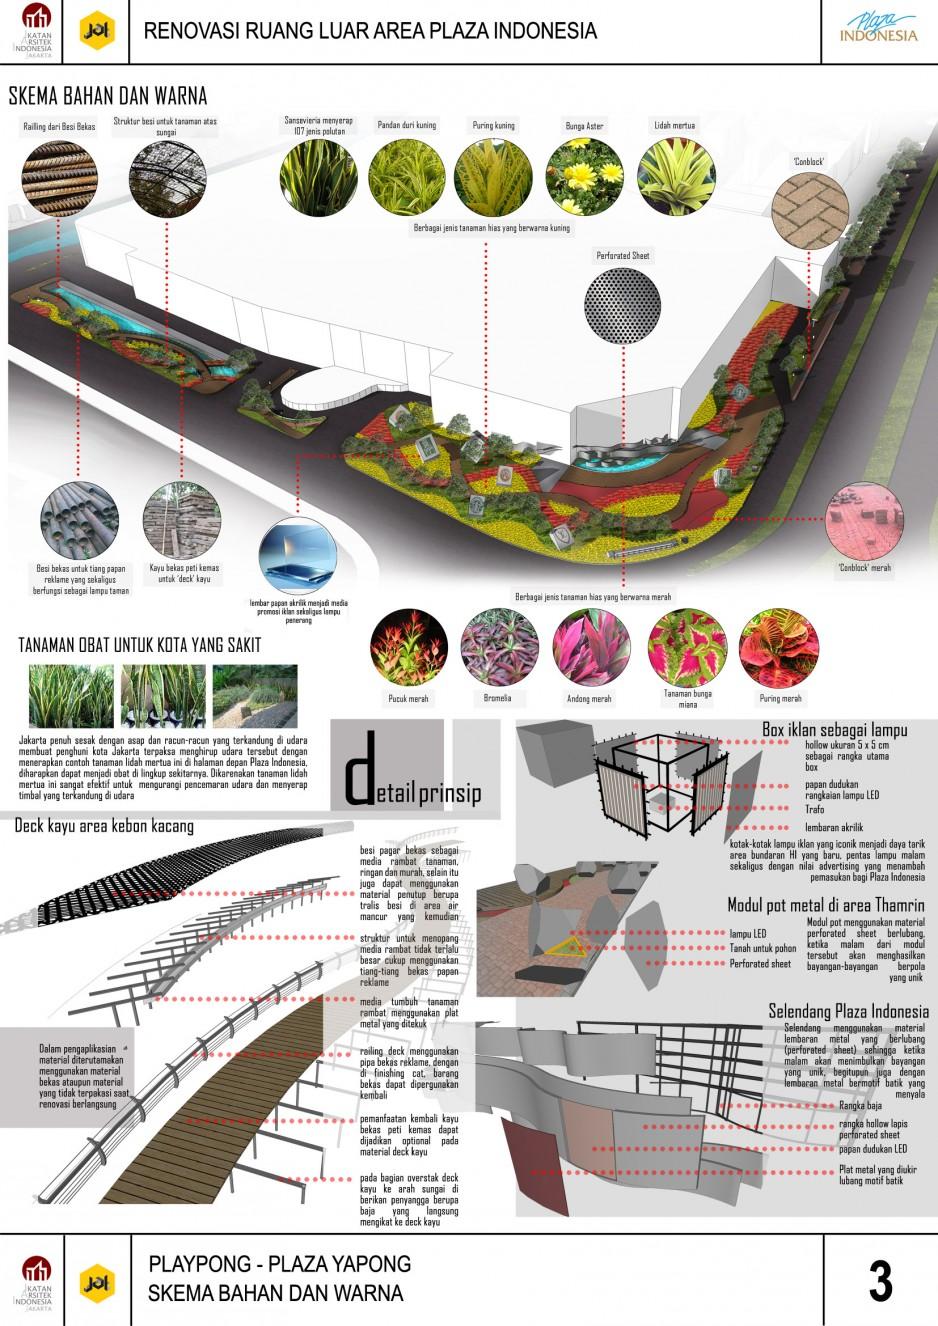 Juara 1 Sayembara Renovasi Ruang Luar Plaza Indonesia